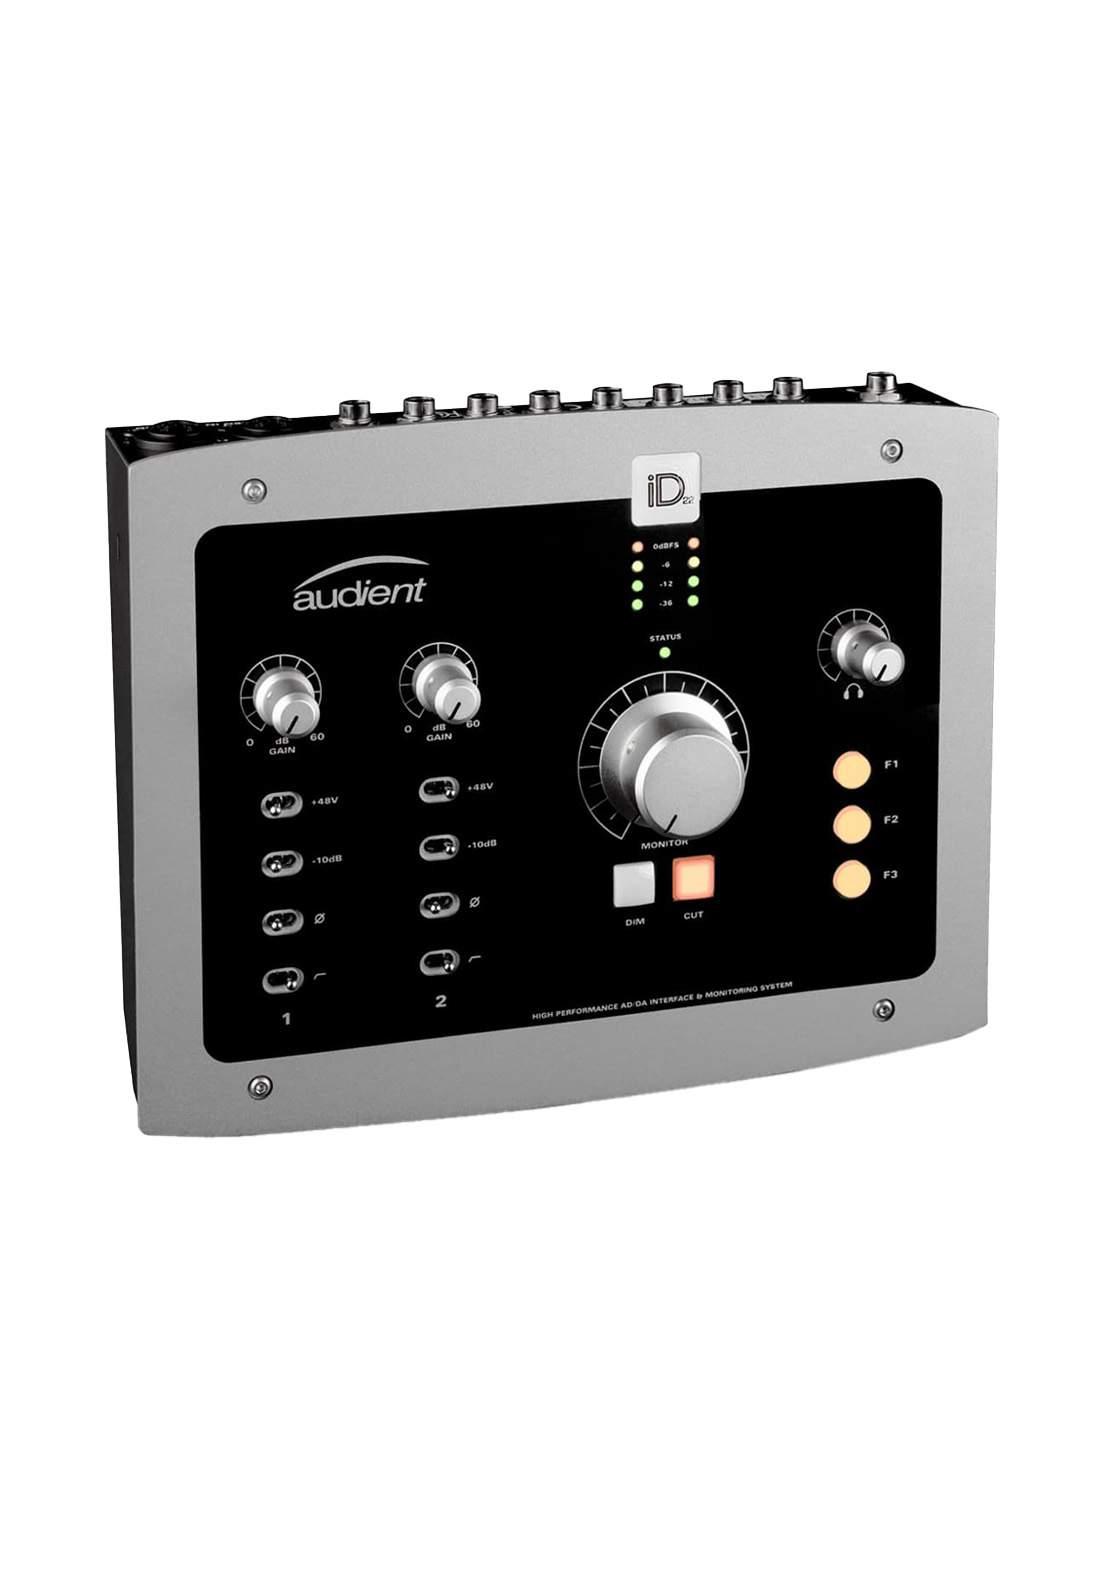 Audient Audio Cart كارت صوت